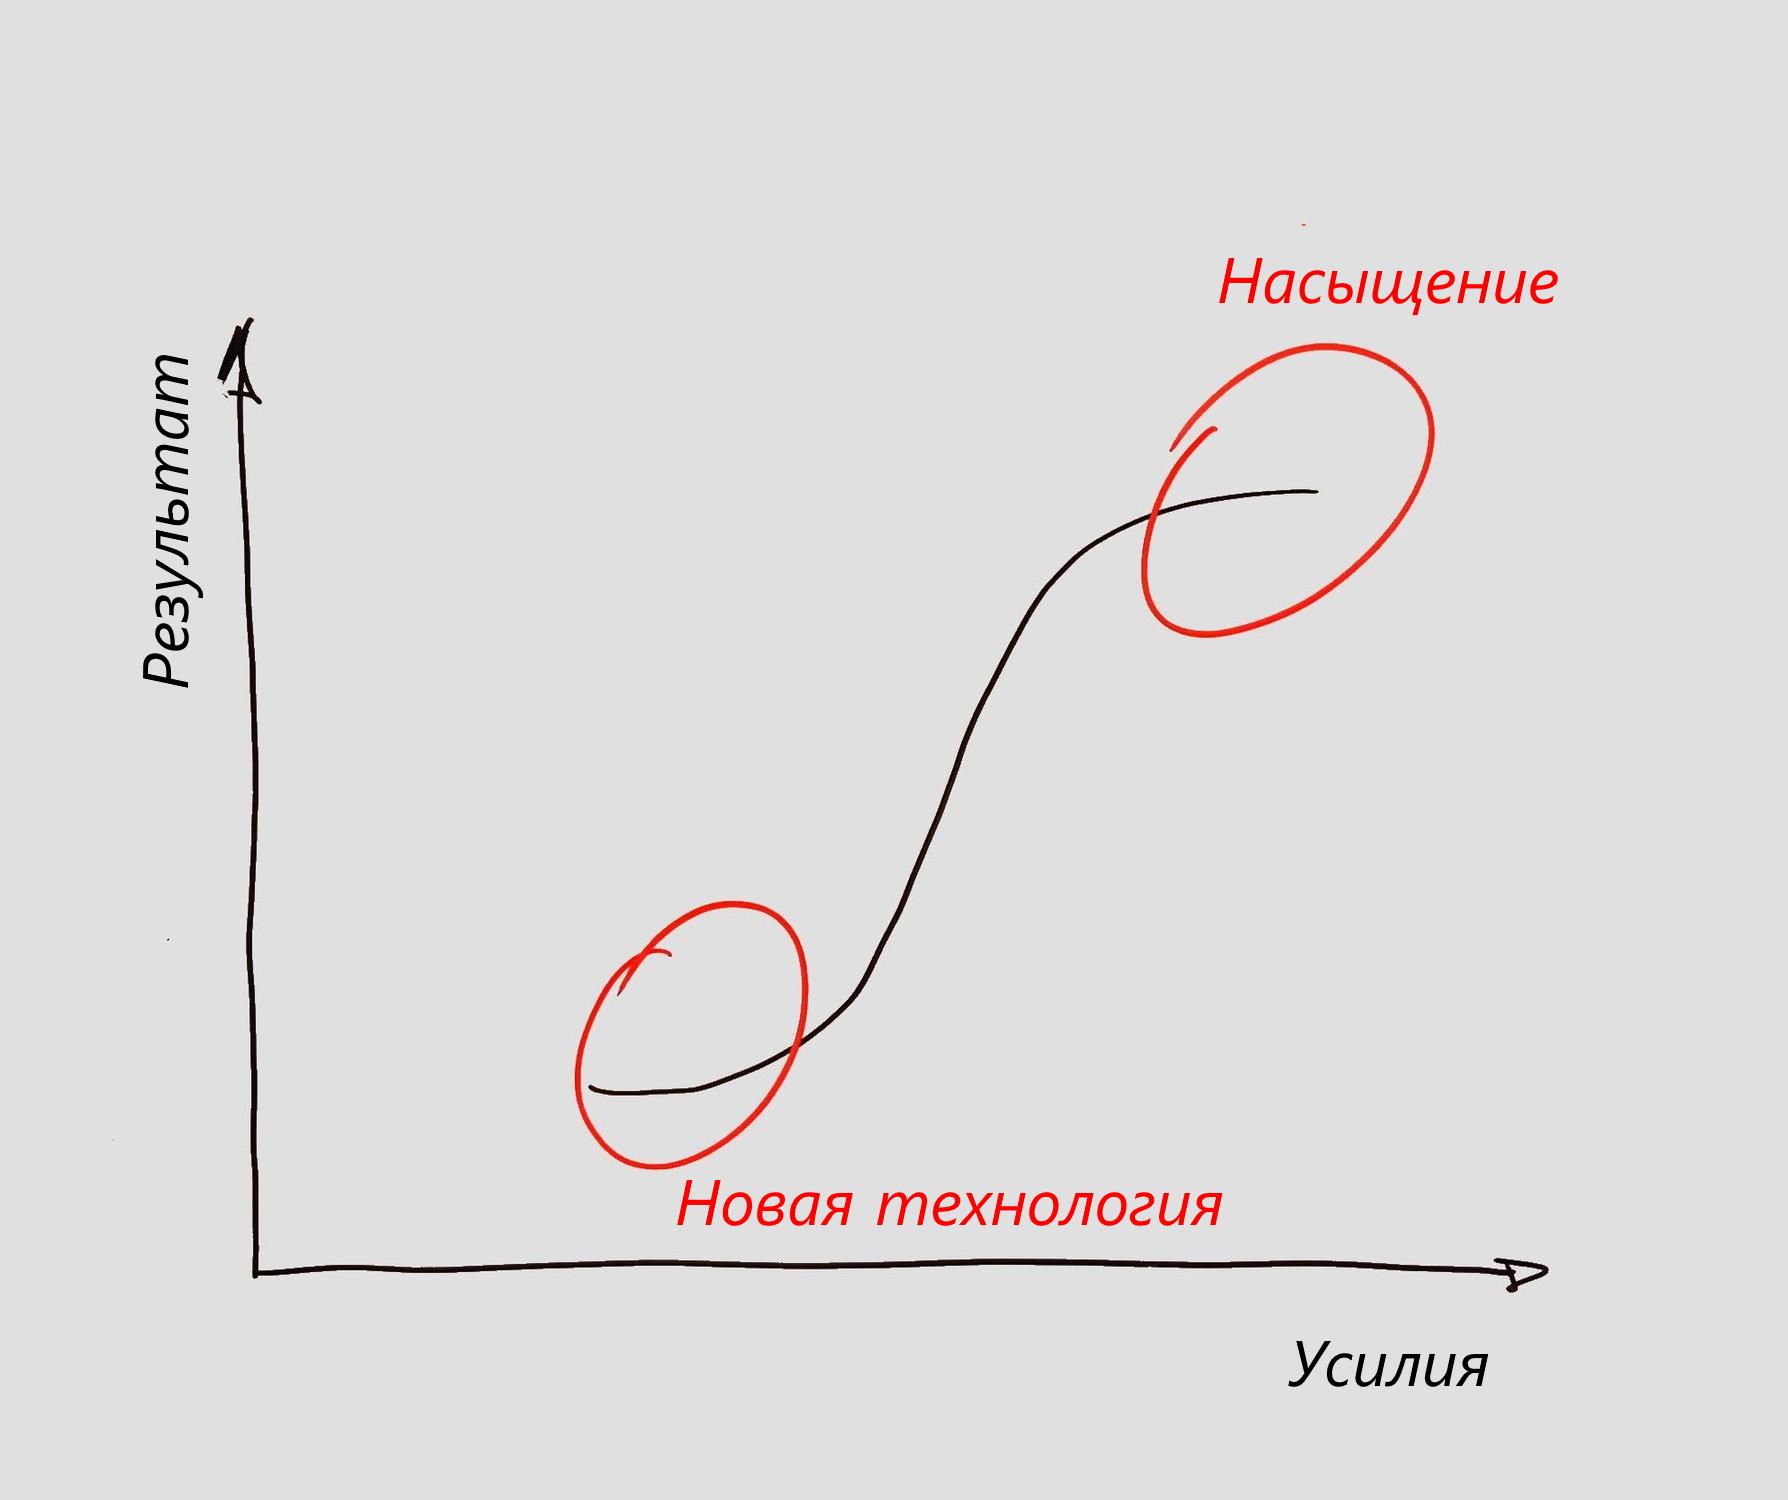 Выбор приоритета запроса пользователя - 1